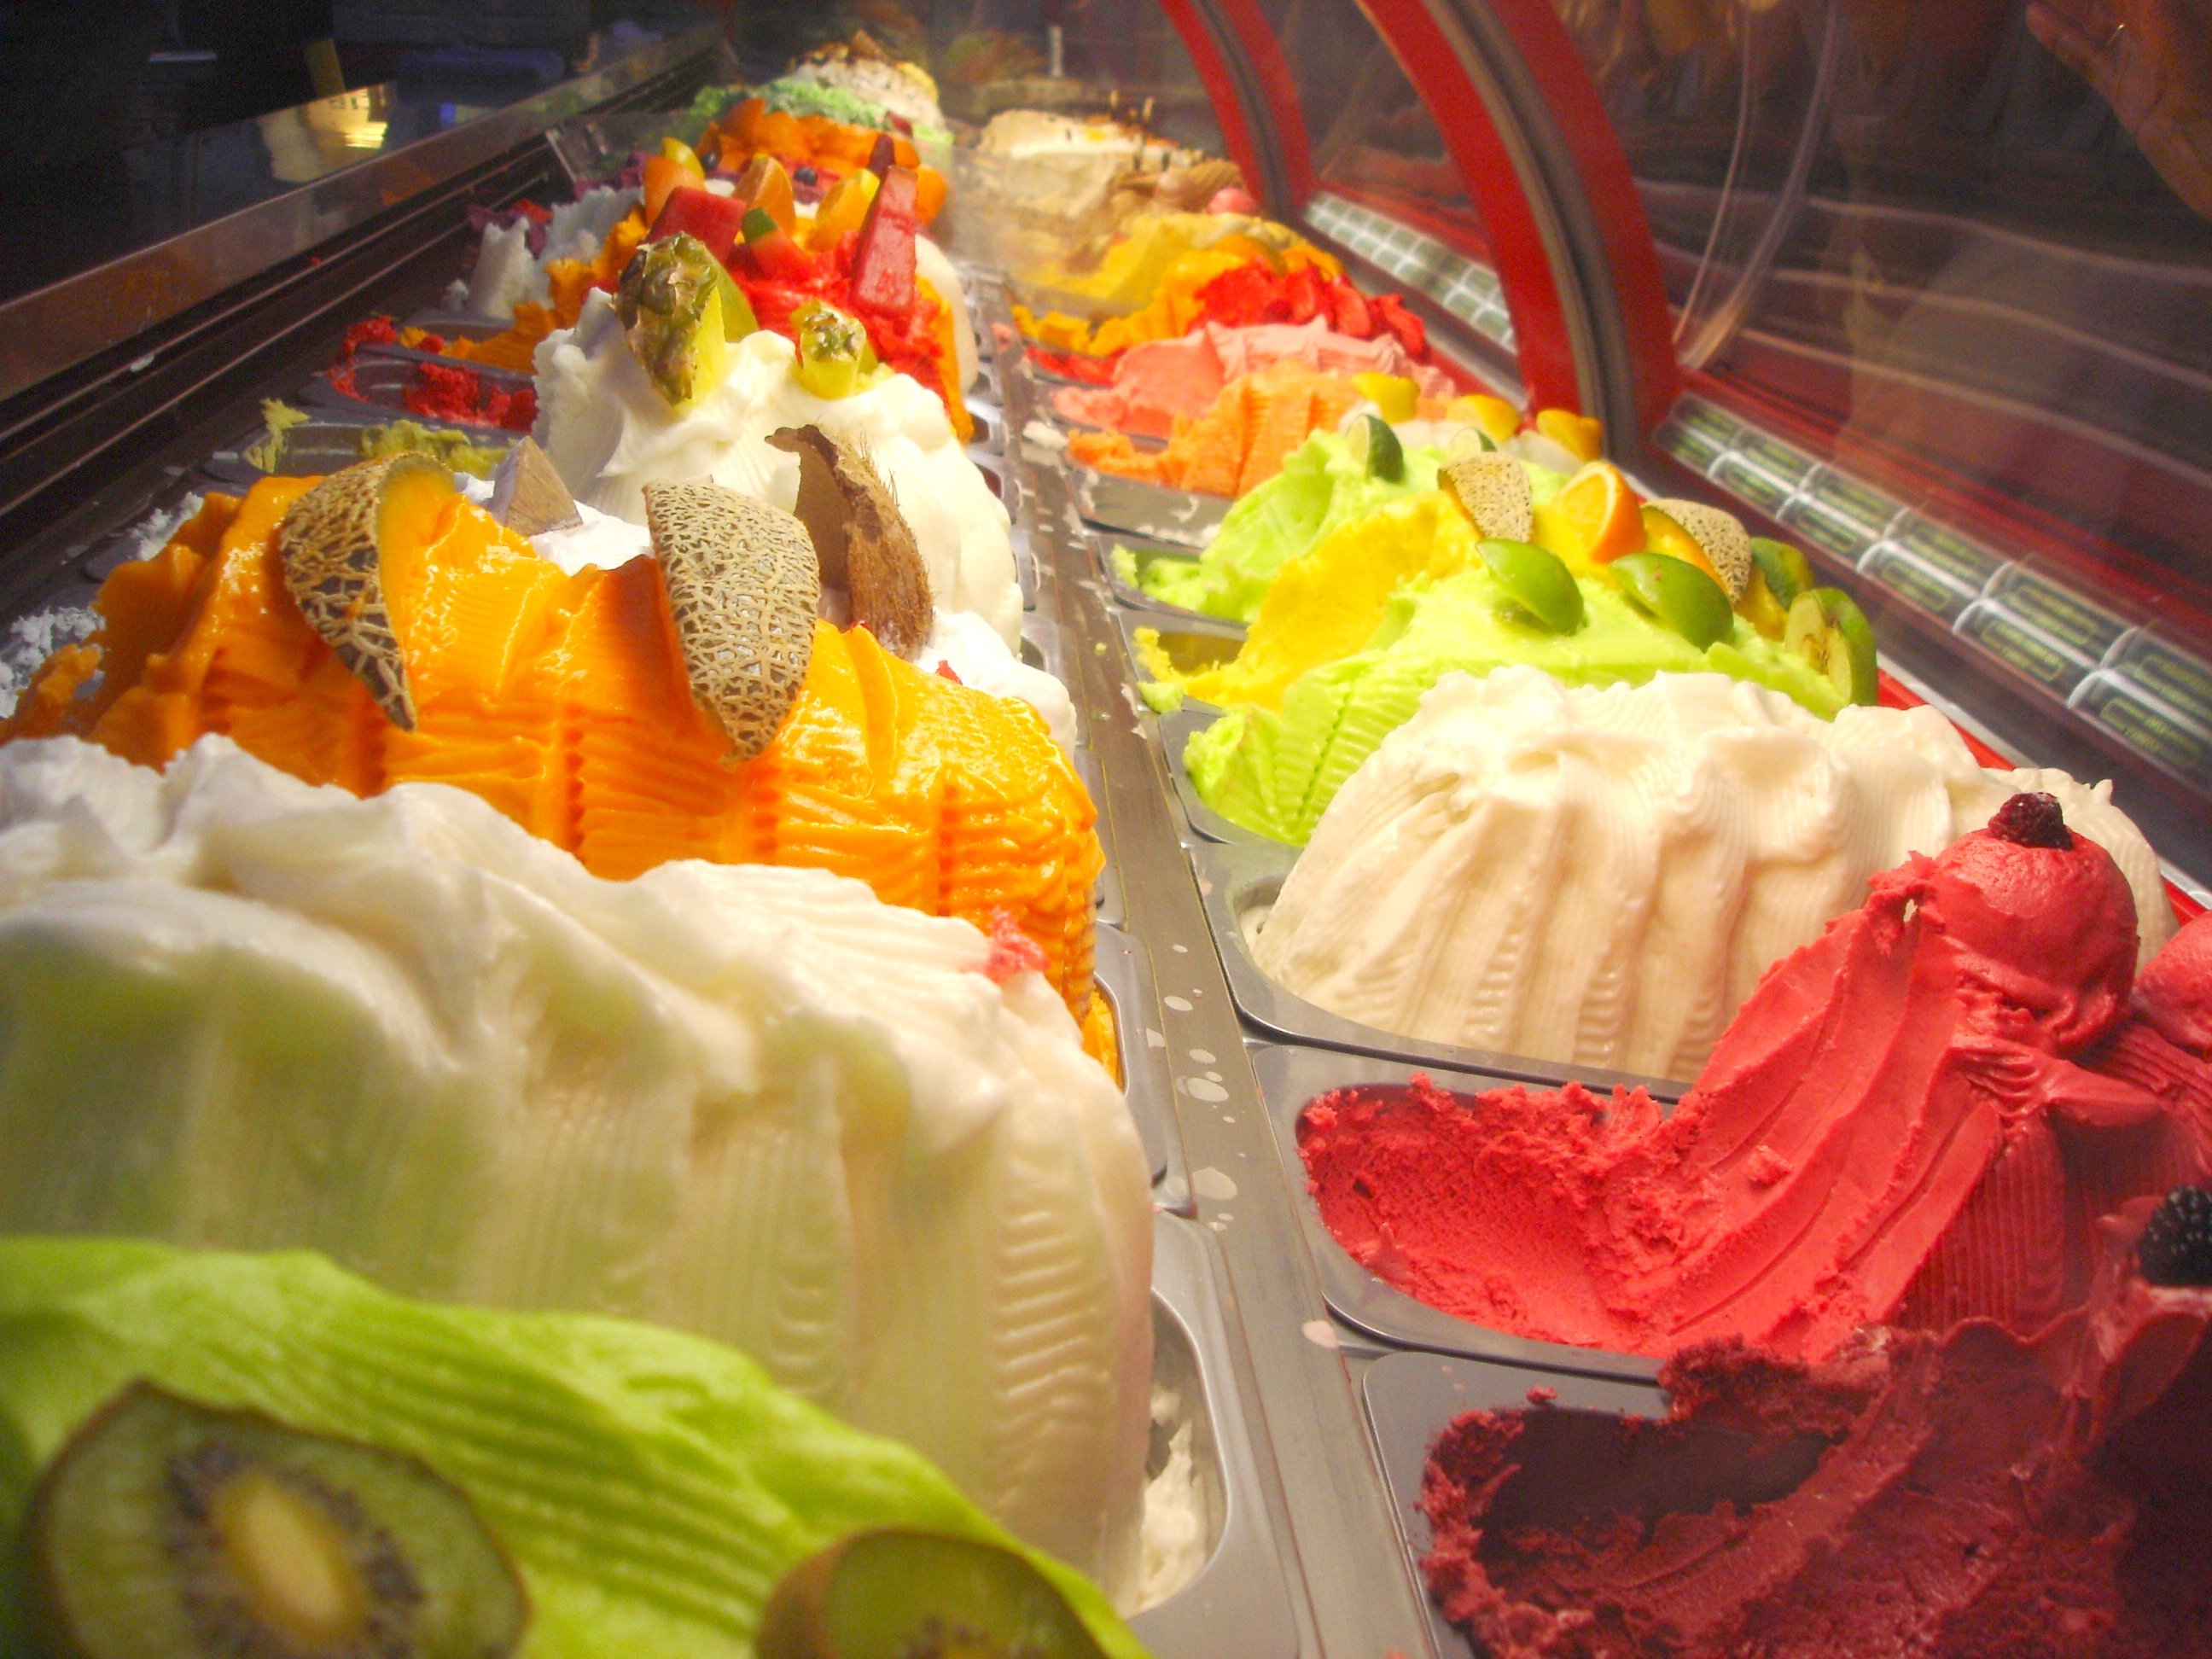 Italian Cream For Cakes